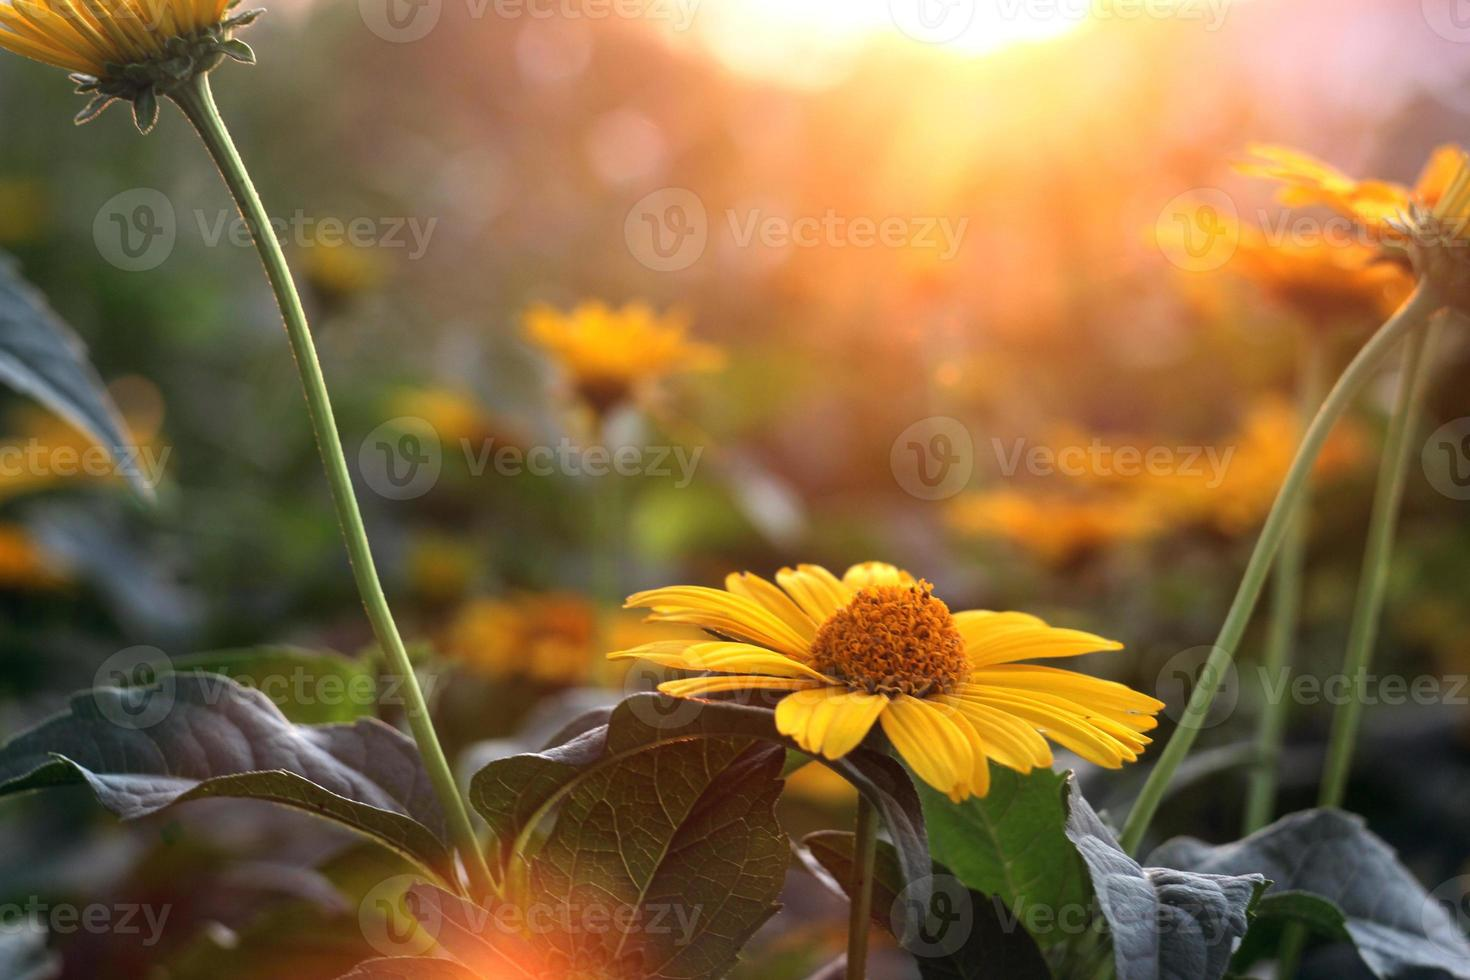 gelbe Blume im Sonnenlicht foto